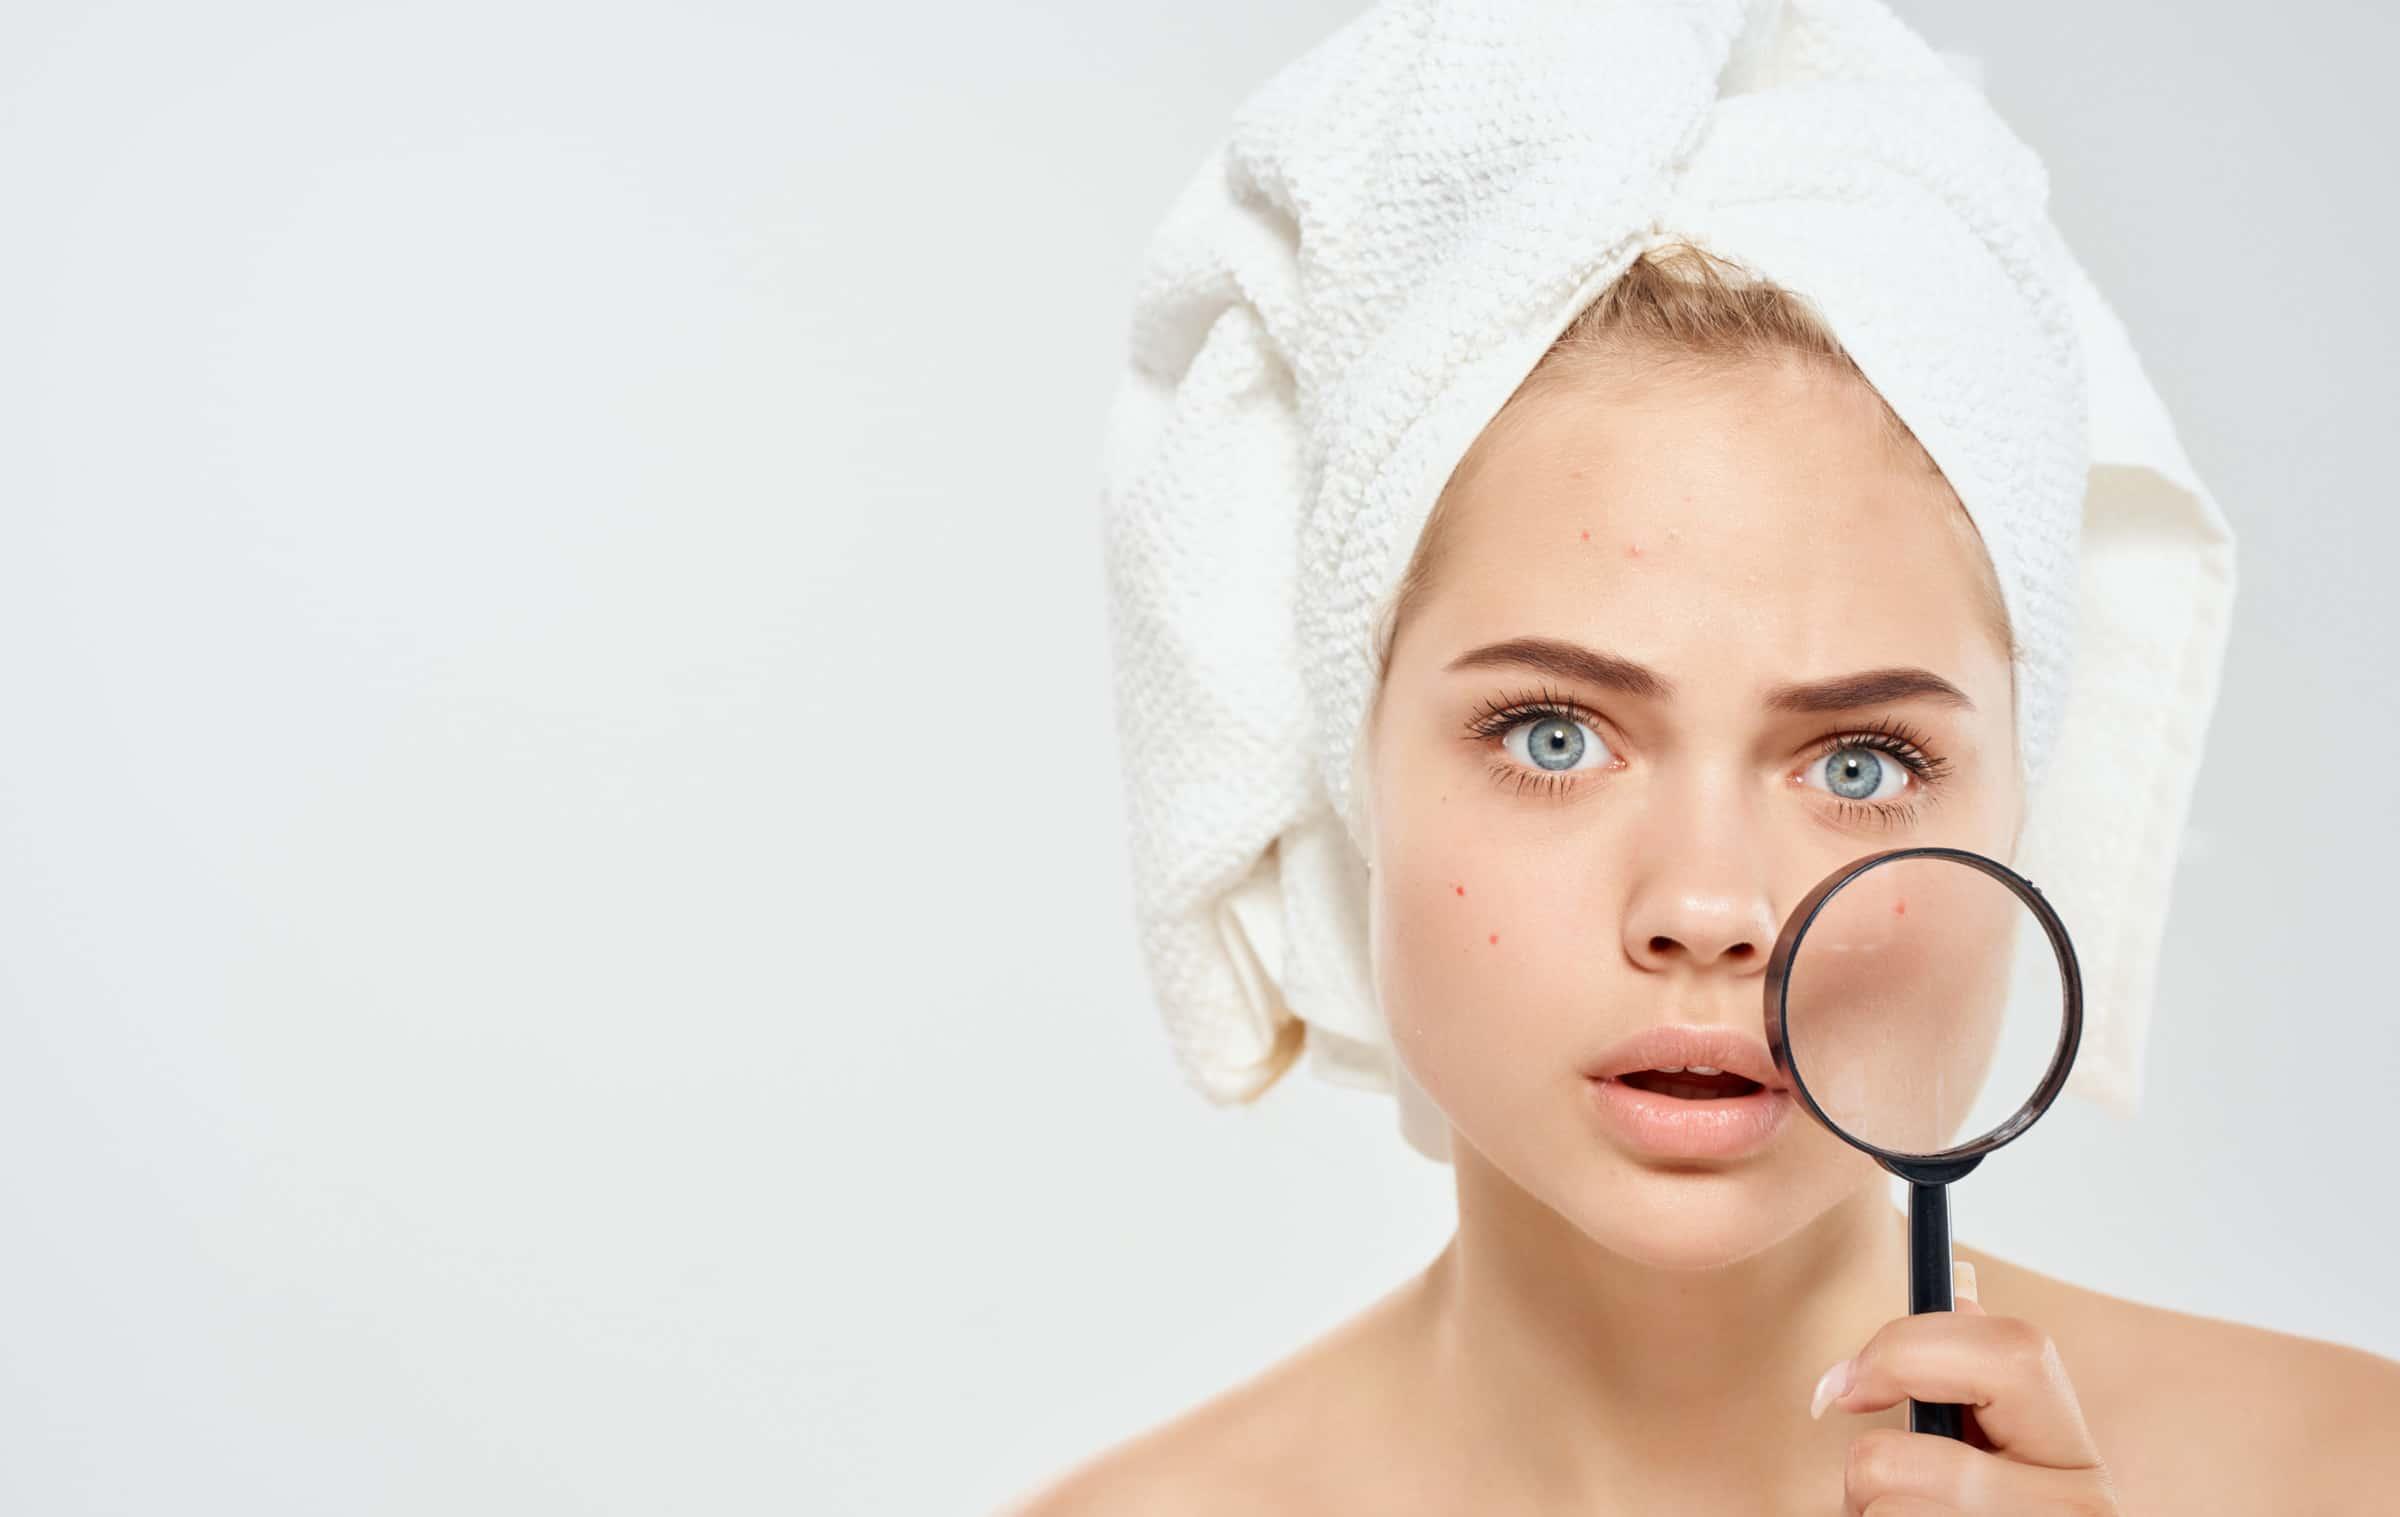 Comment prendre soin d'une peau mixte?